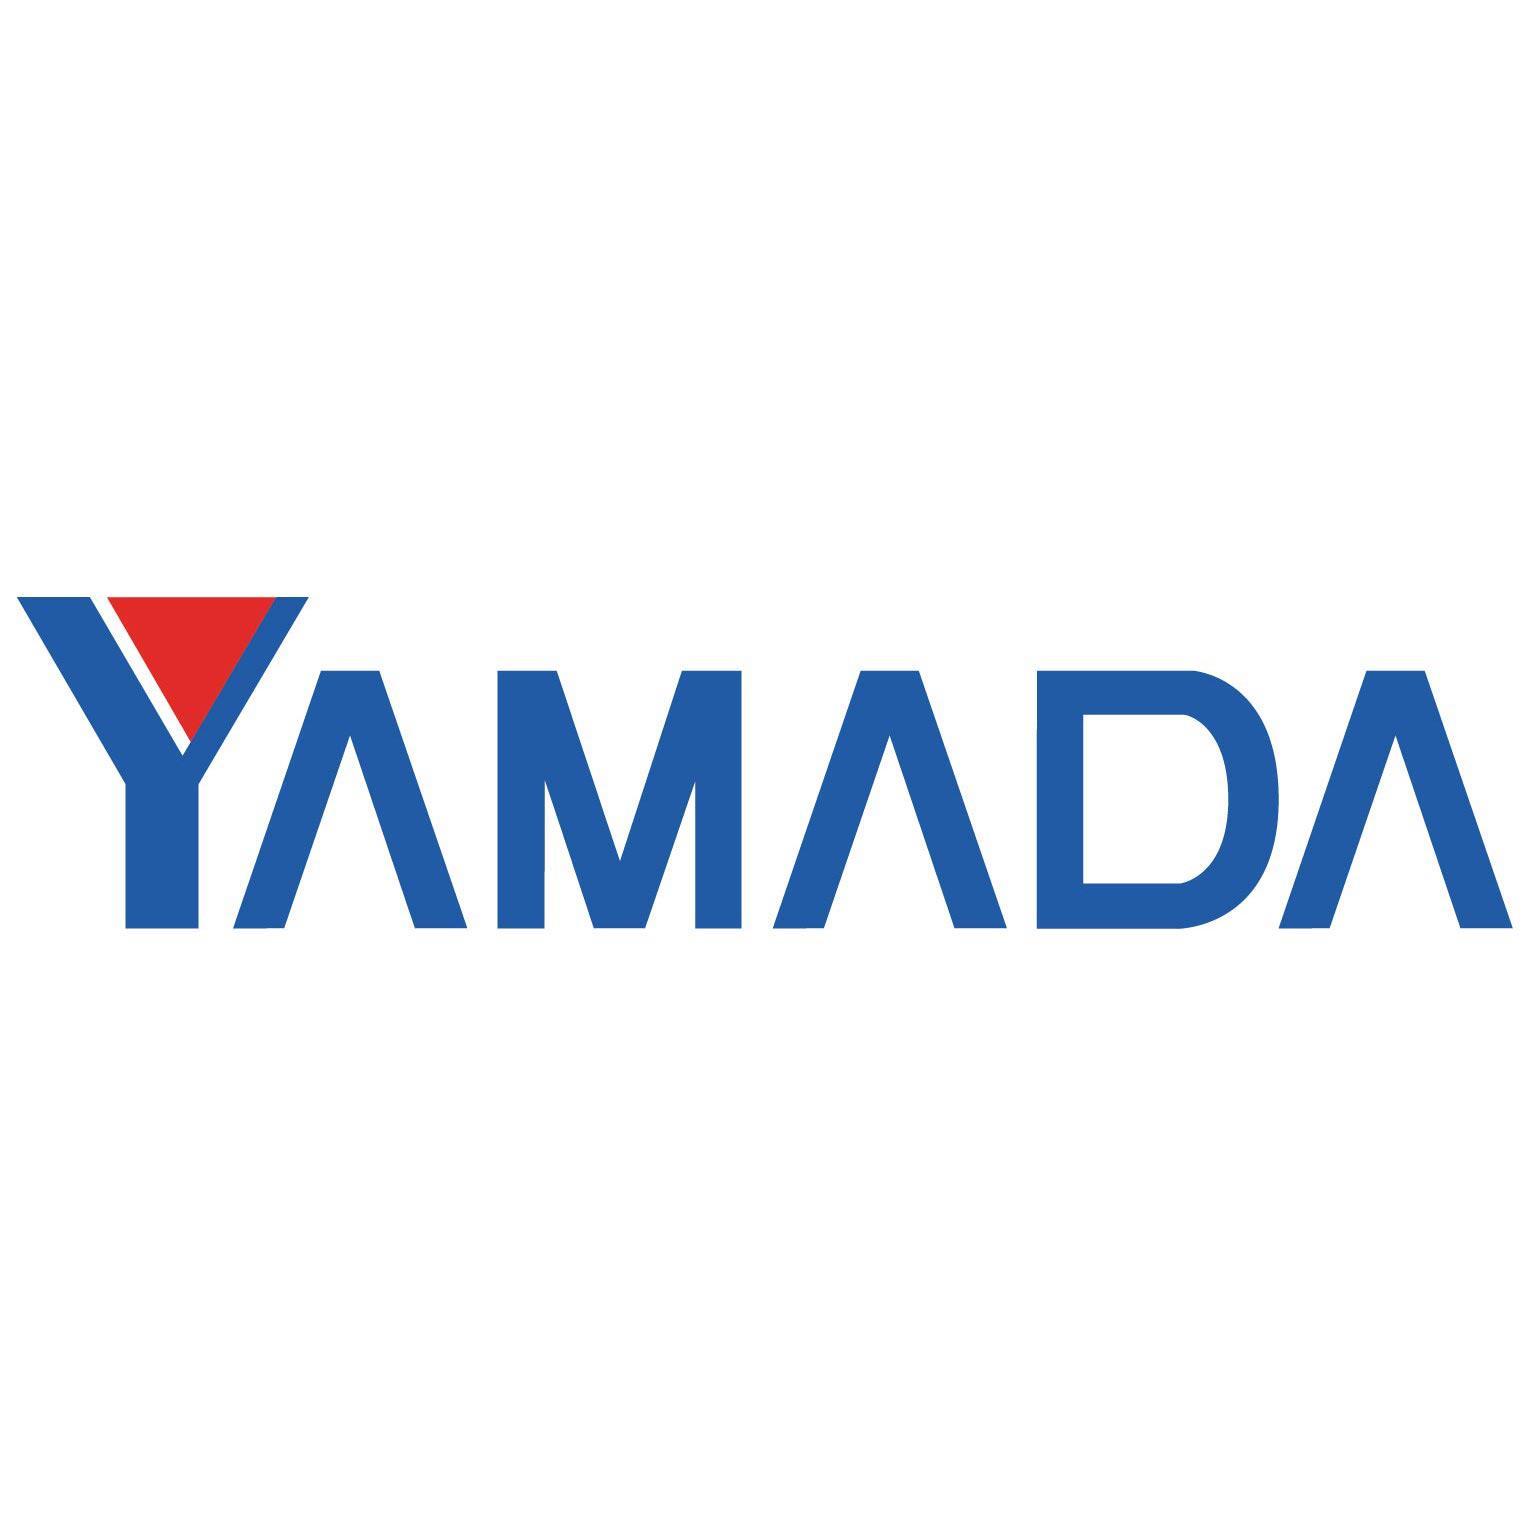 沖繩優惠券-YAMADA 山田電機優惠券